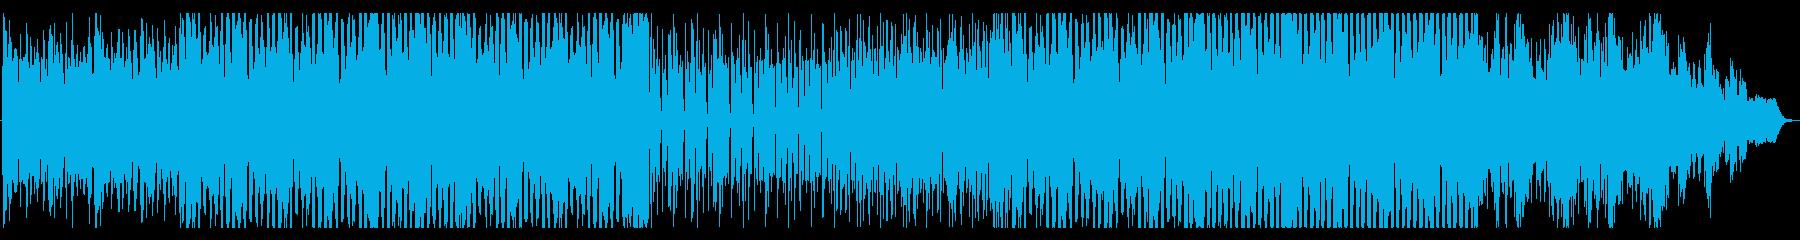 シリアスな雰囲気のトランスナンバーの再生済みの波形